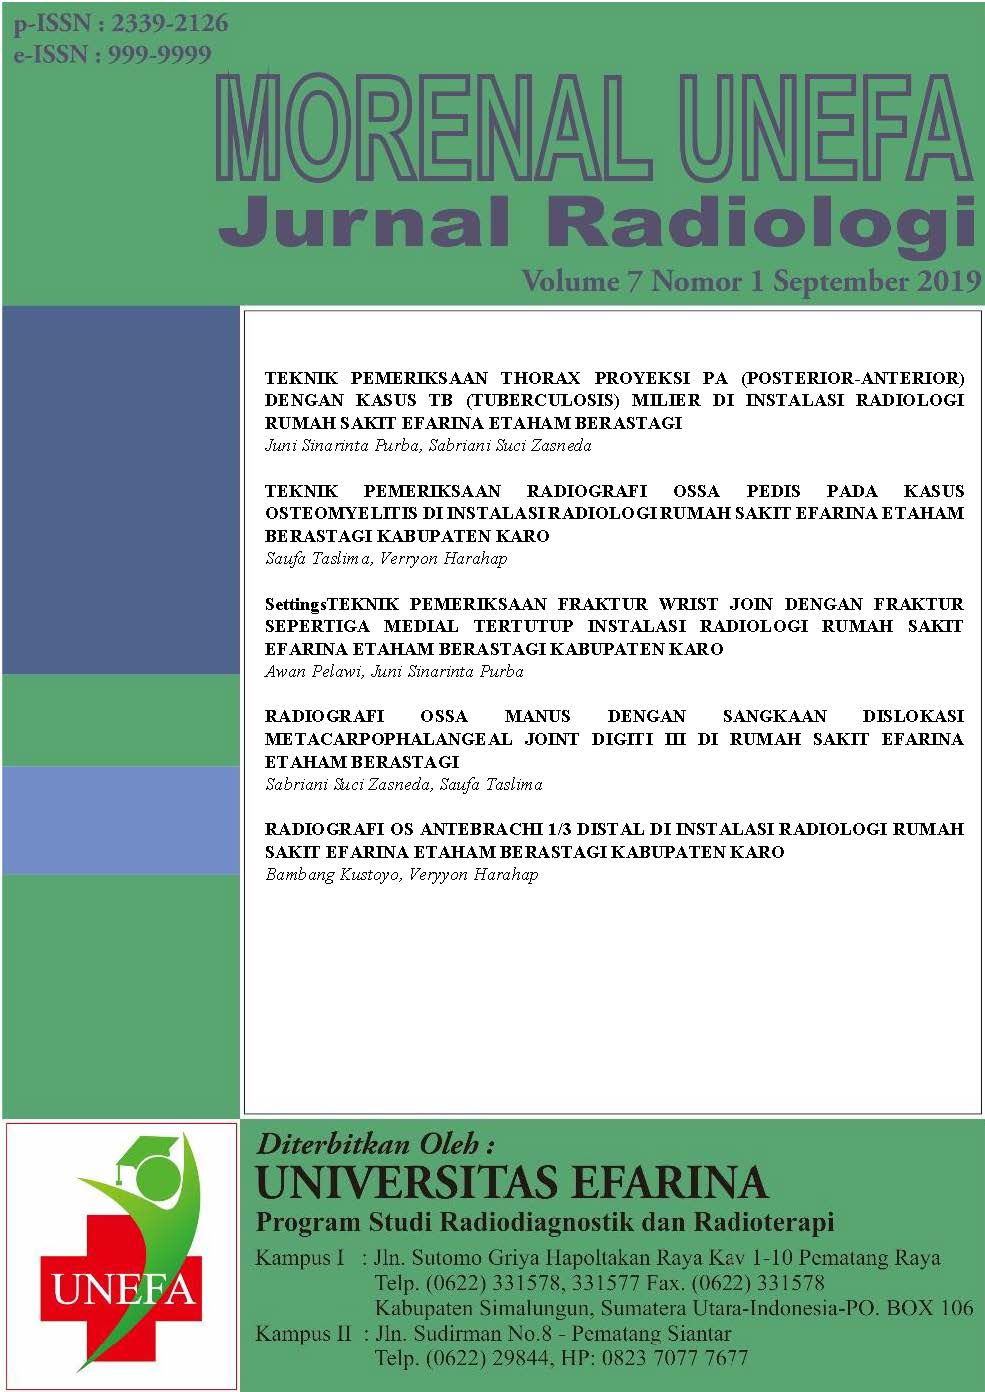 Jurnal Morenal Unefa : Jurnal Radiologi